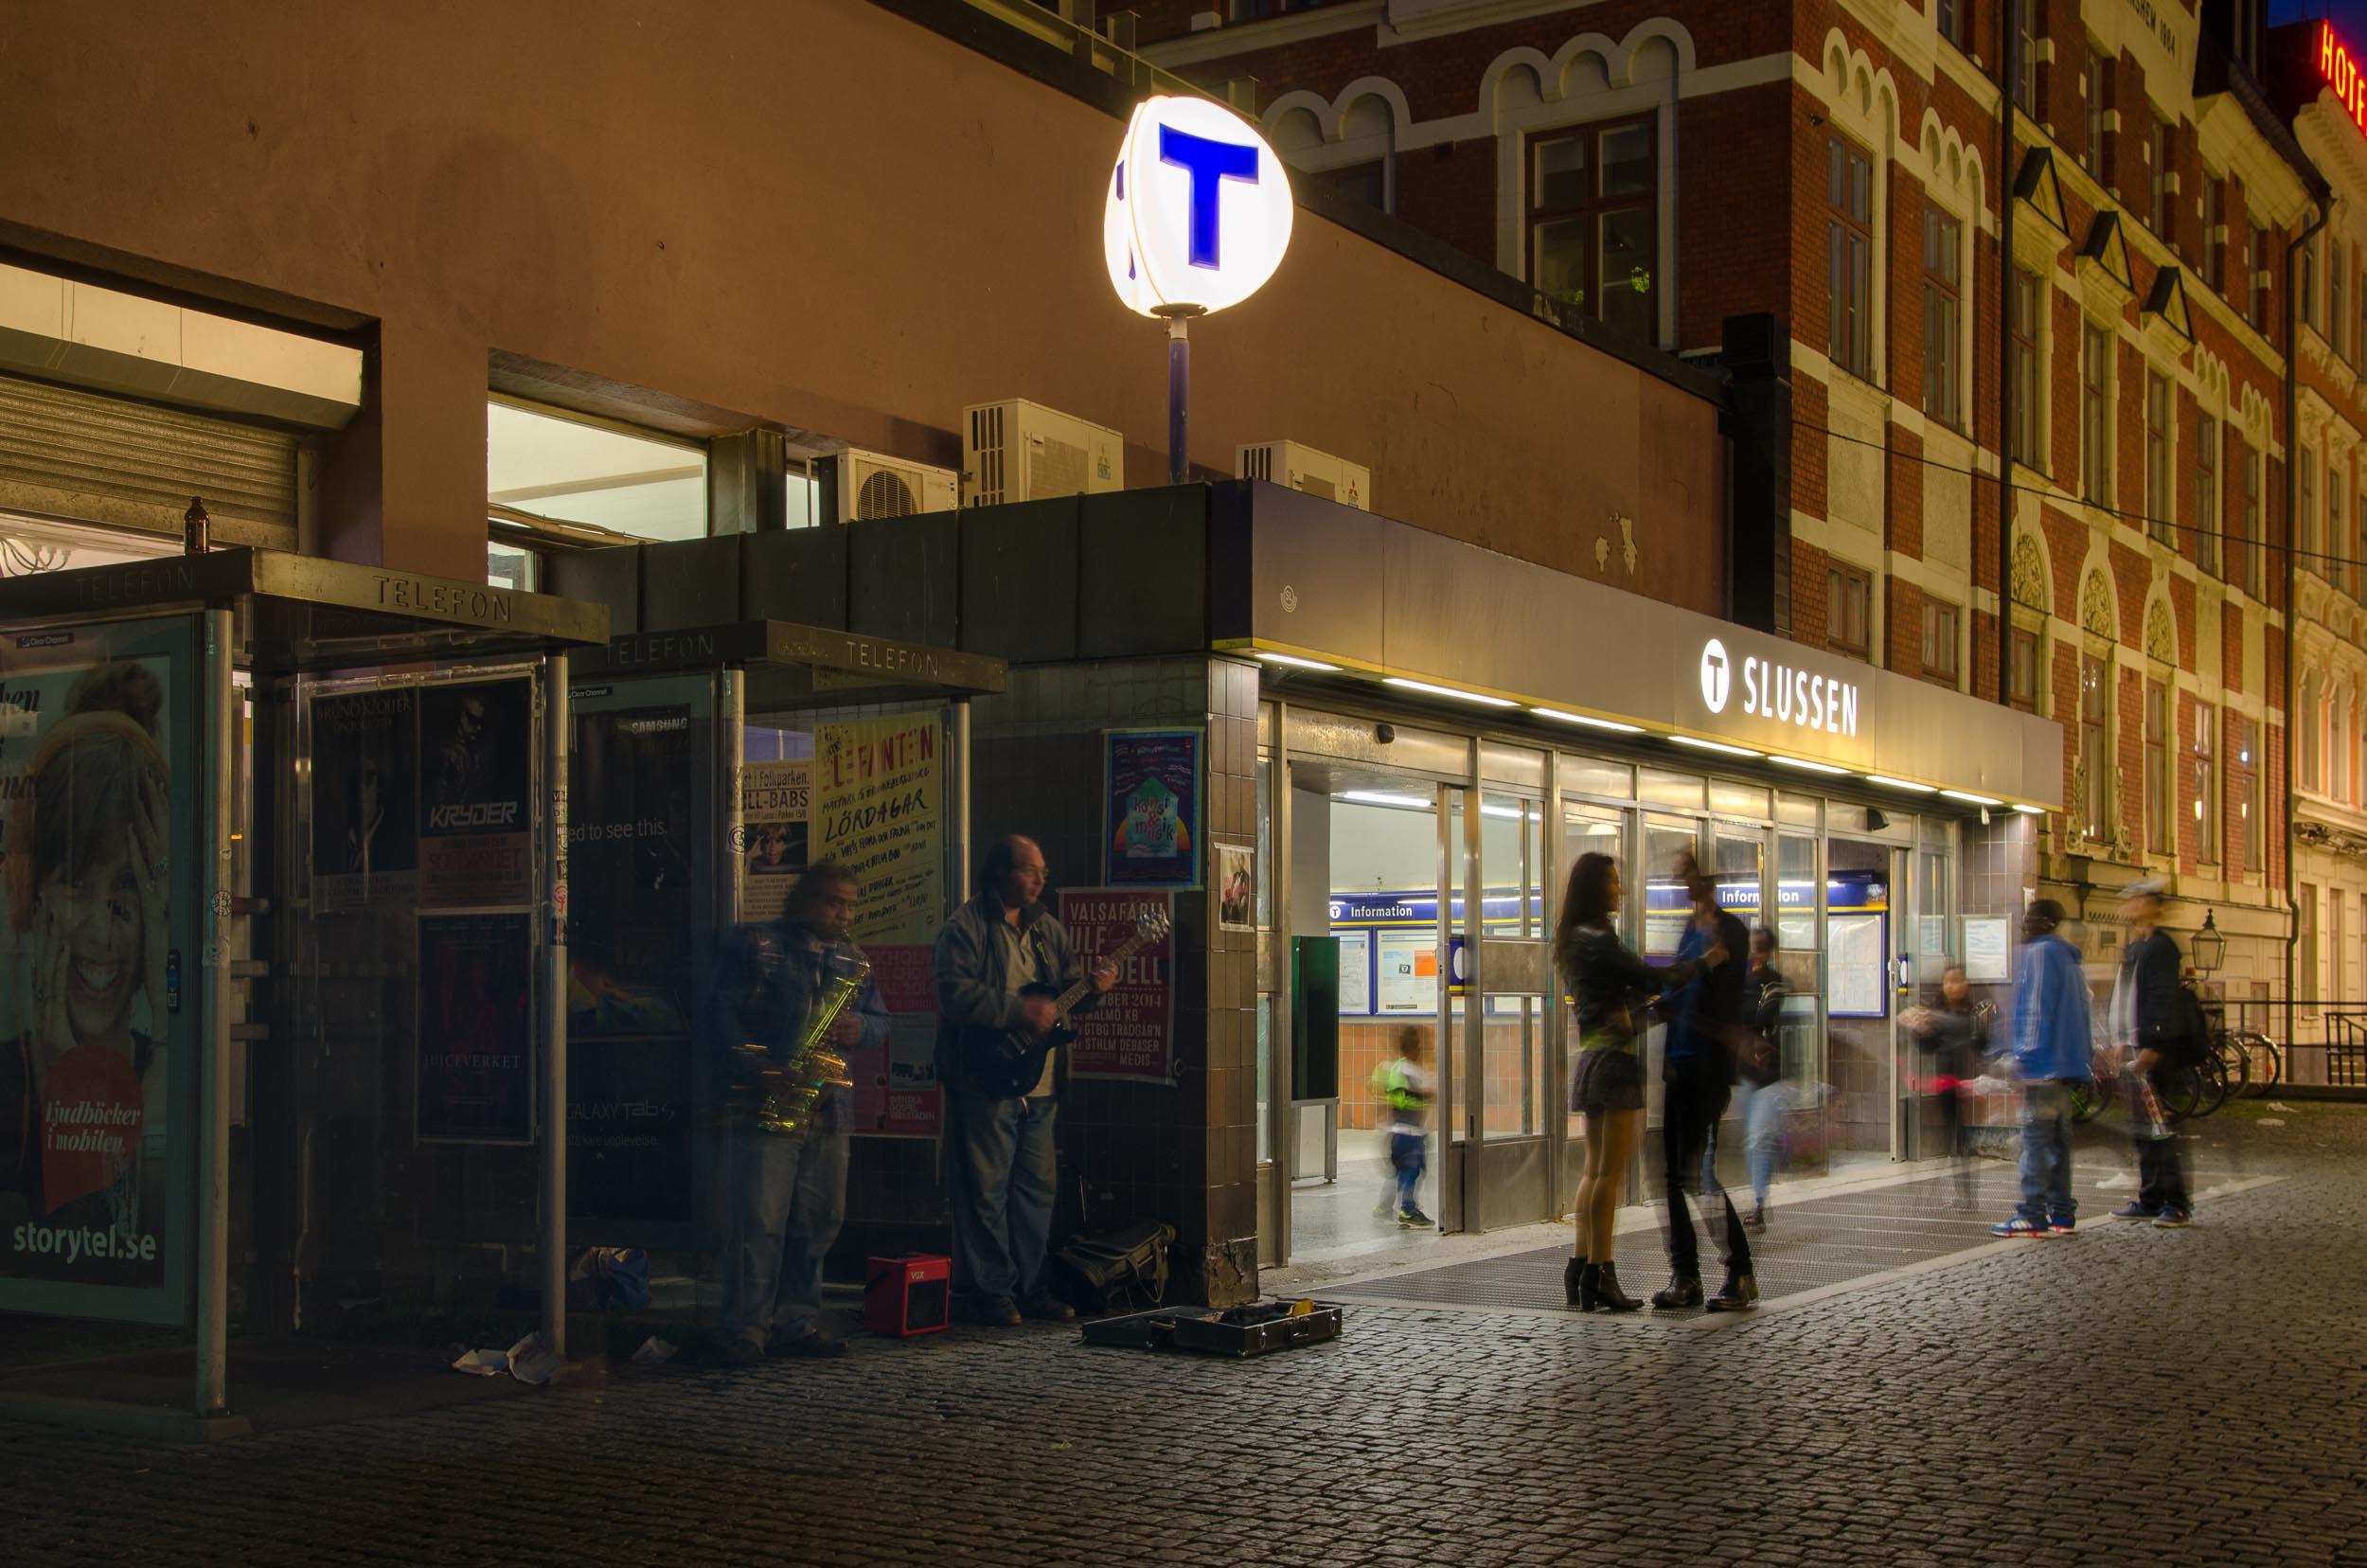 noe_stockholm_2014-14.jpg